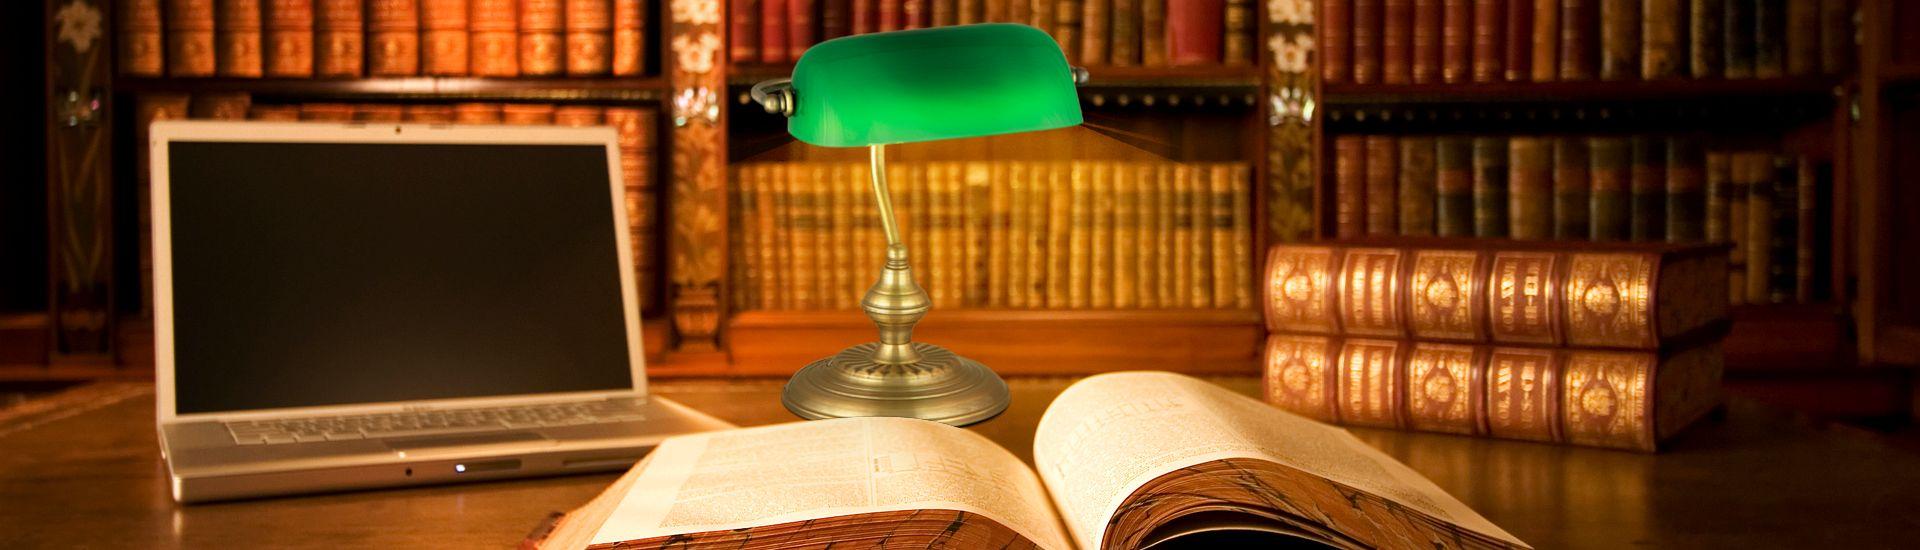 RABALUX 4038 Bank stolní lampa nejen do kanceláře